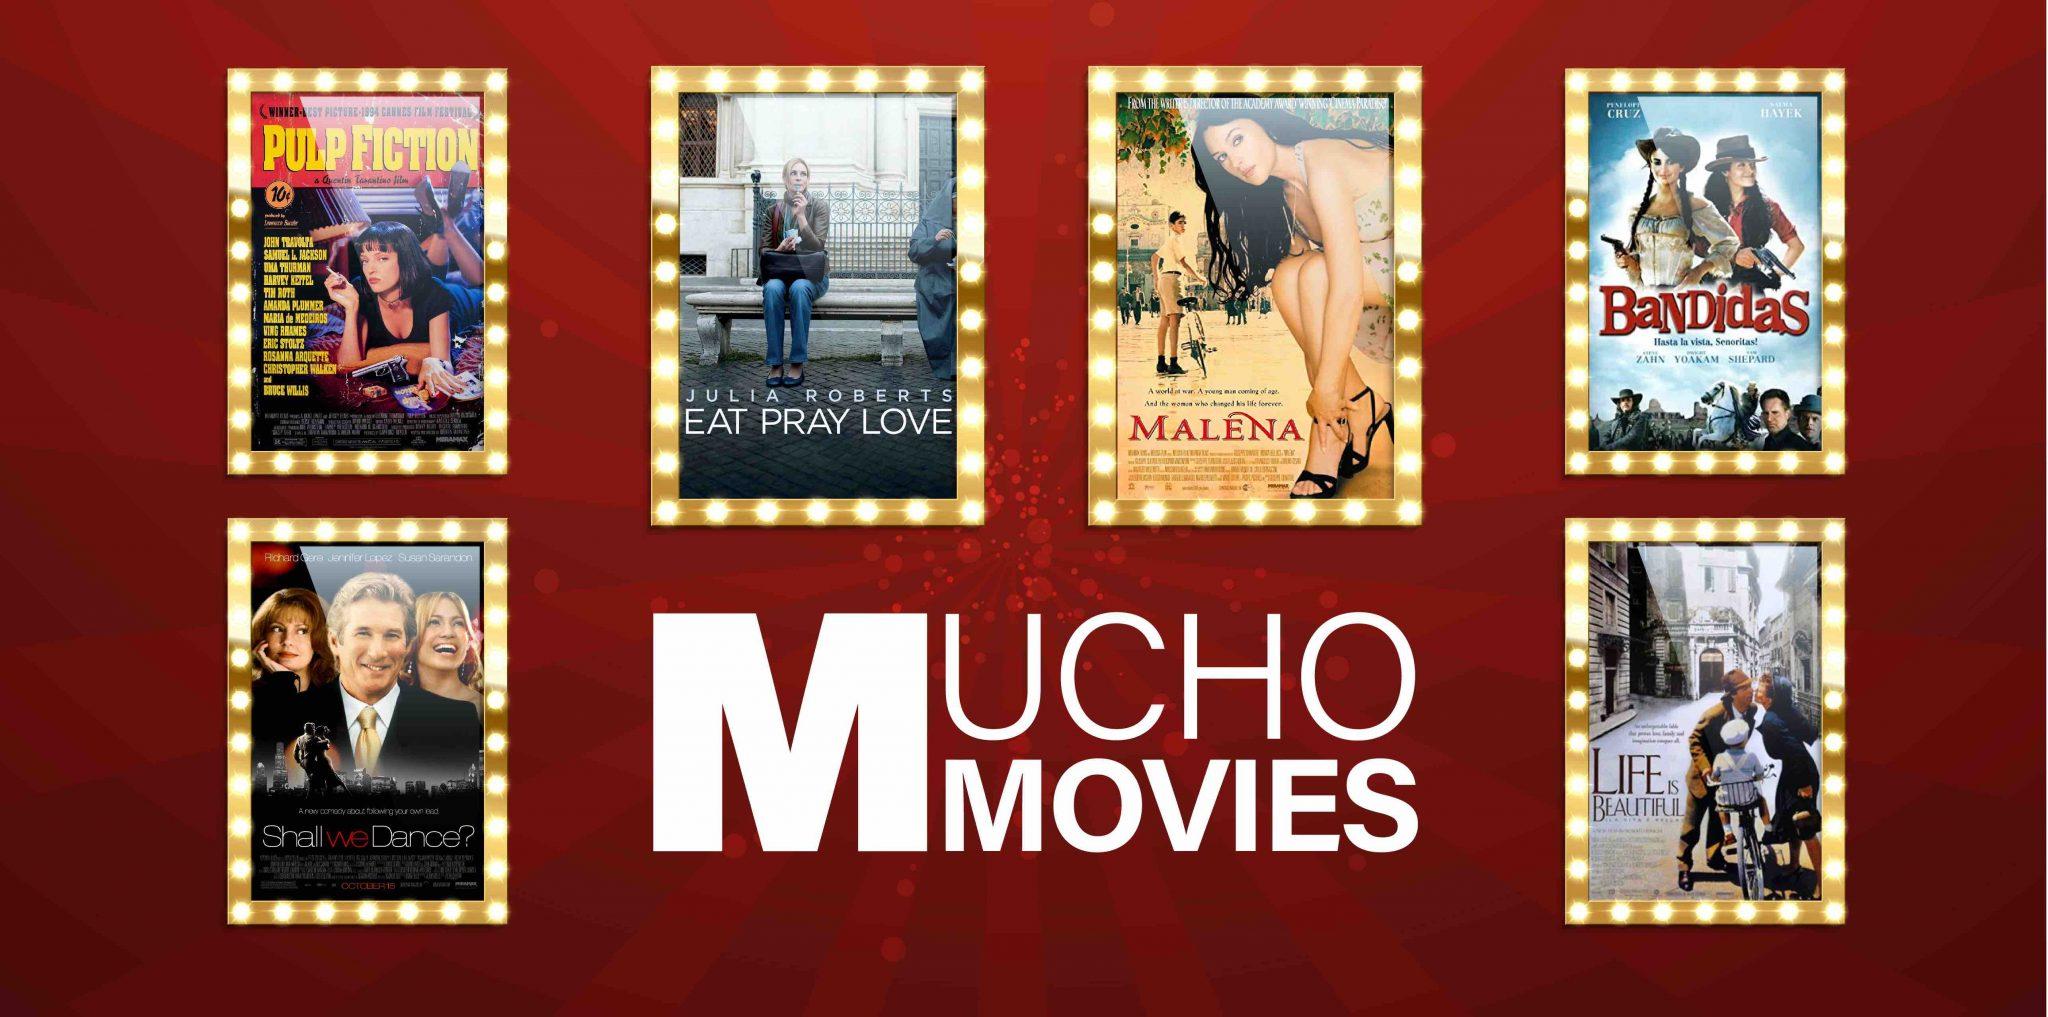 Mucho movies – web slider